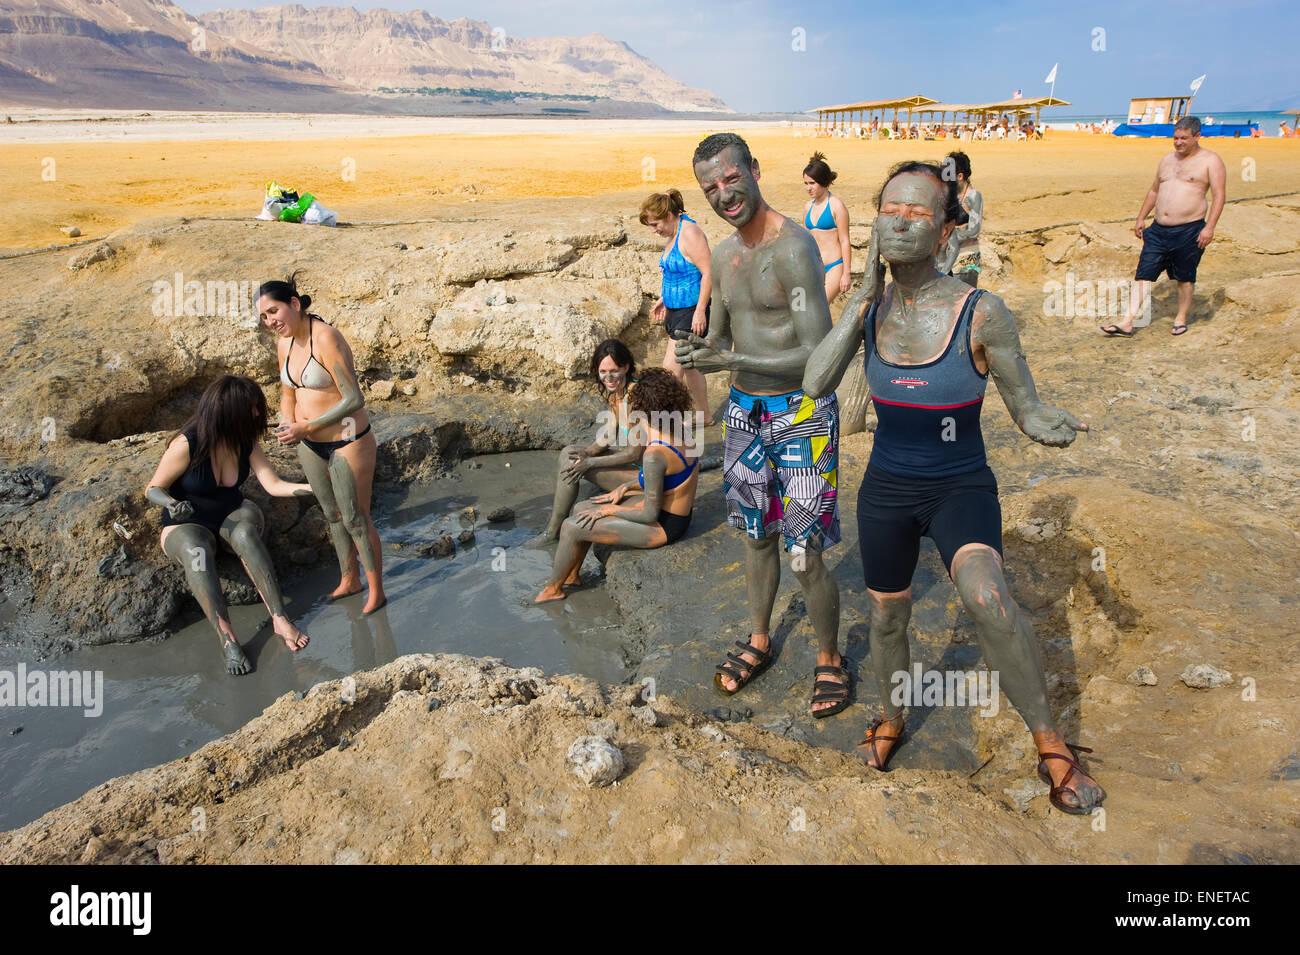 El Mar Muerto, ISRAEL - Oct 13, 2014: la gente rozan con el barro en la playa del Mar Muerto en Israel Imagen De Stock